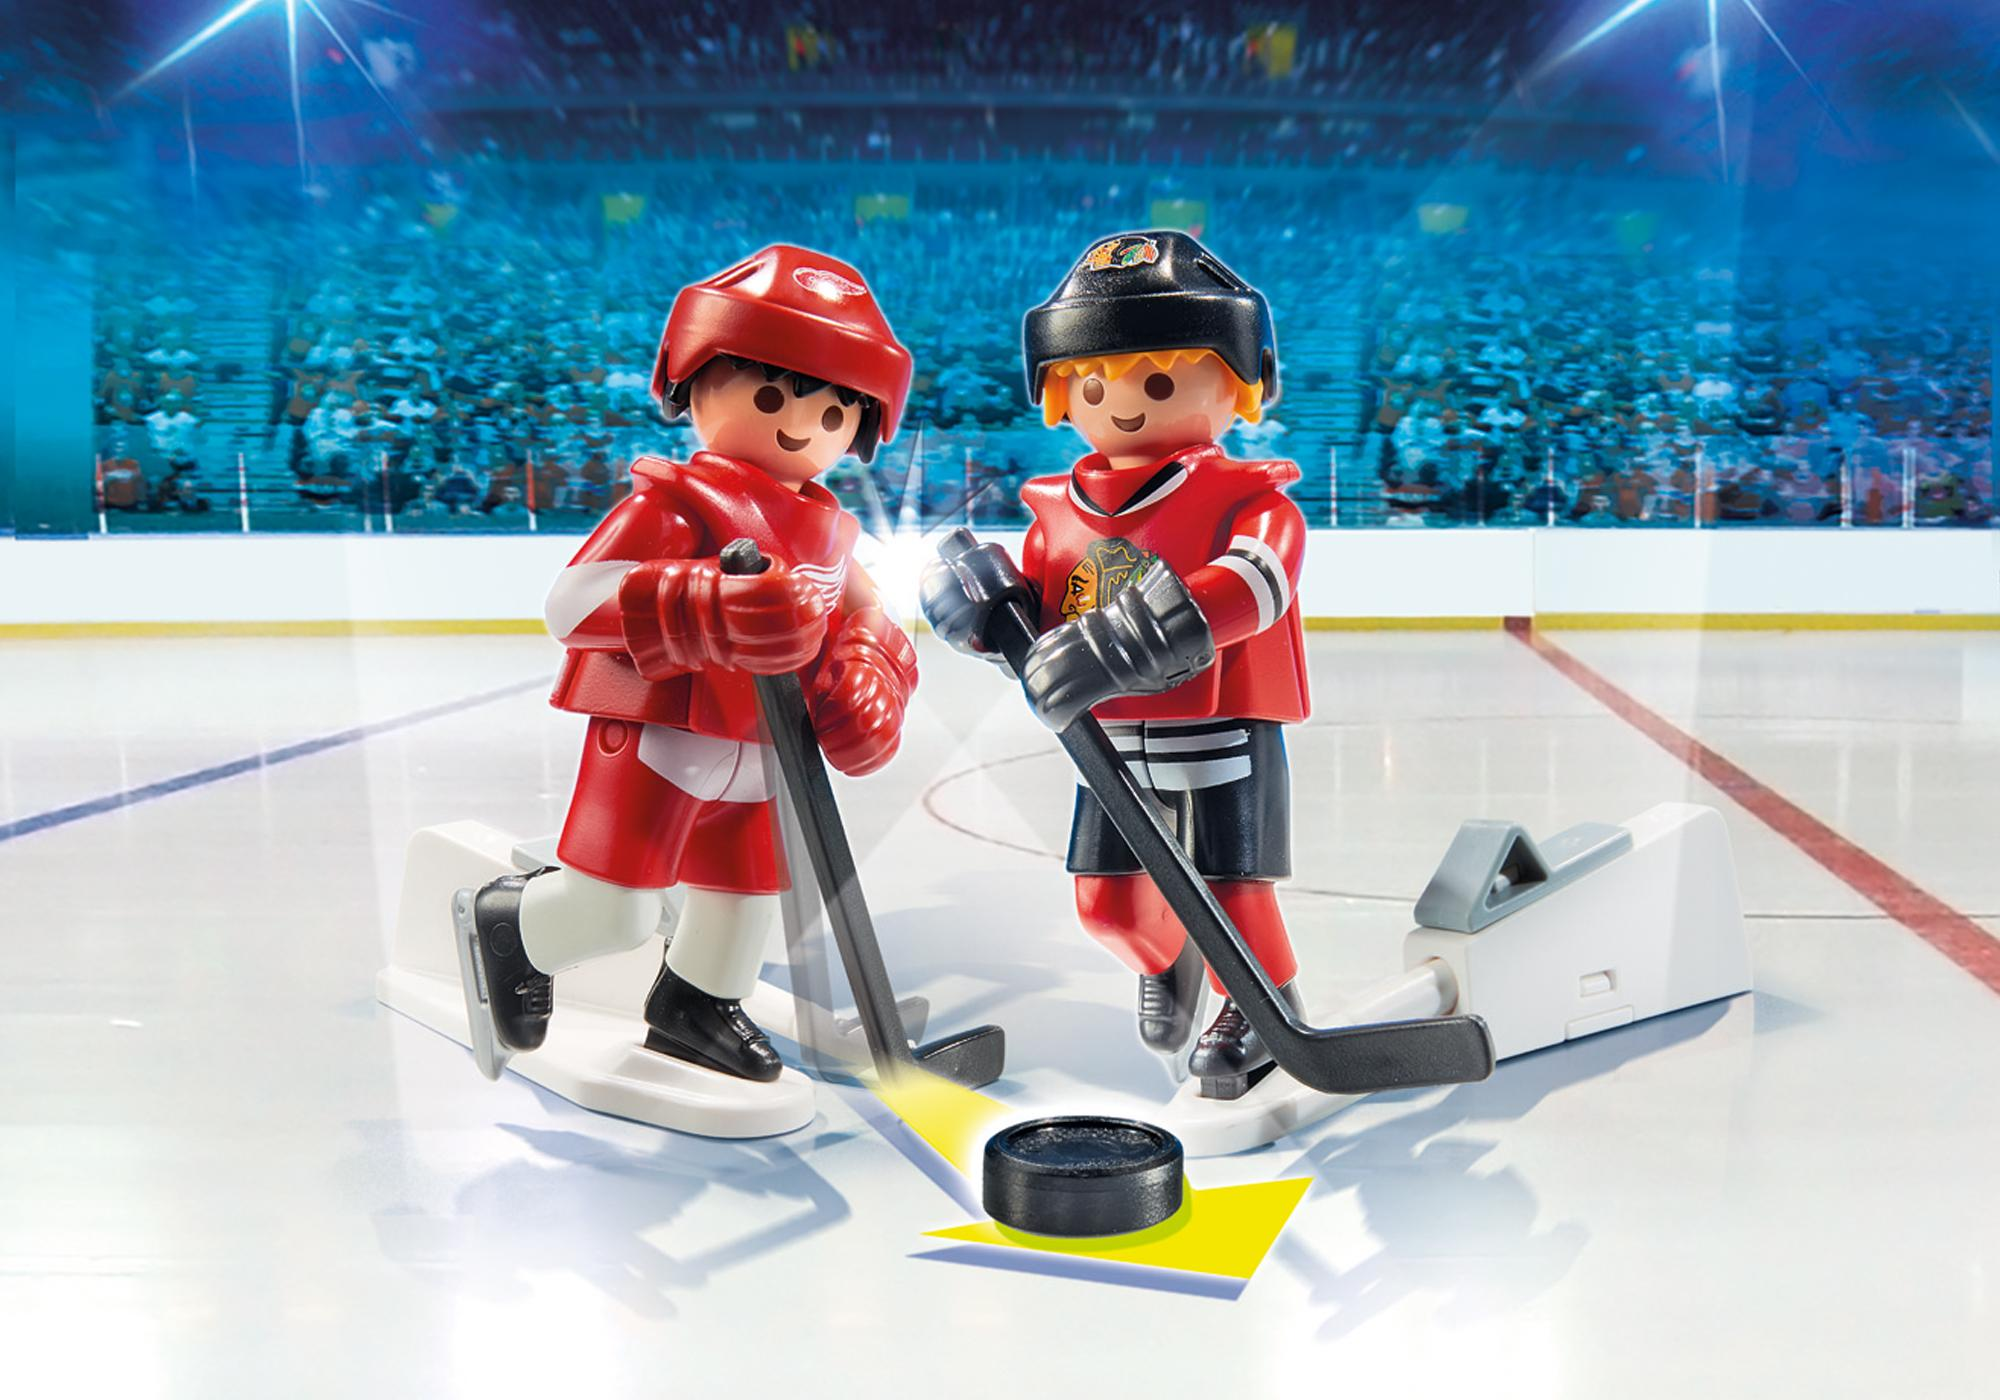 http://media.playmobil.com/i/playmobil/9014_product_detail/NHL® Blister Chicago Blackhawks® vs Detroit Red Wings®